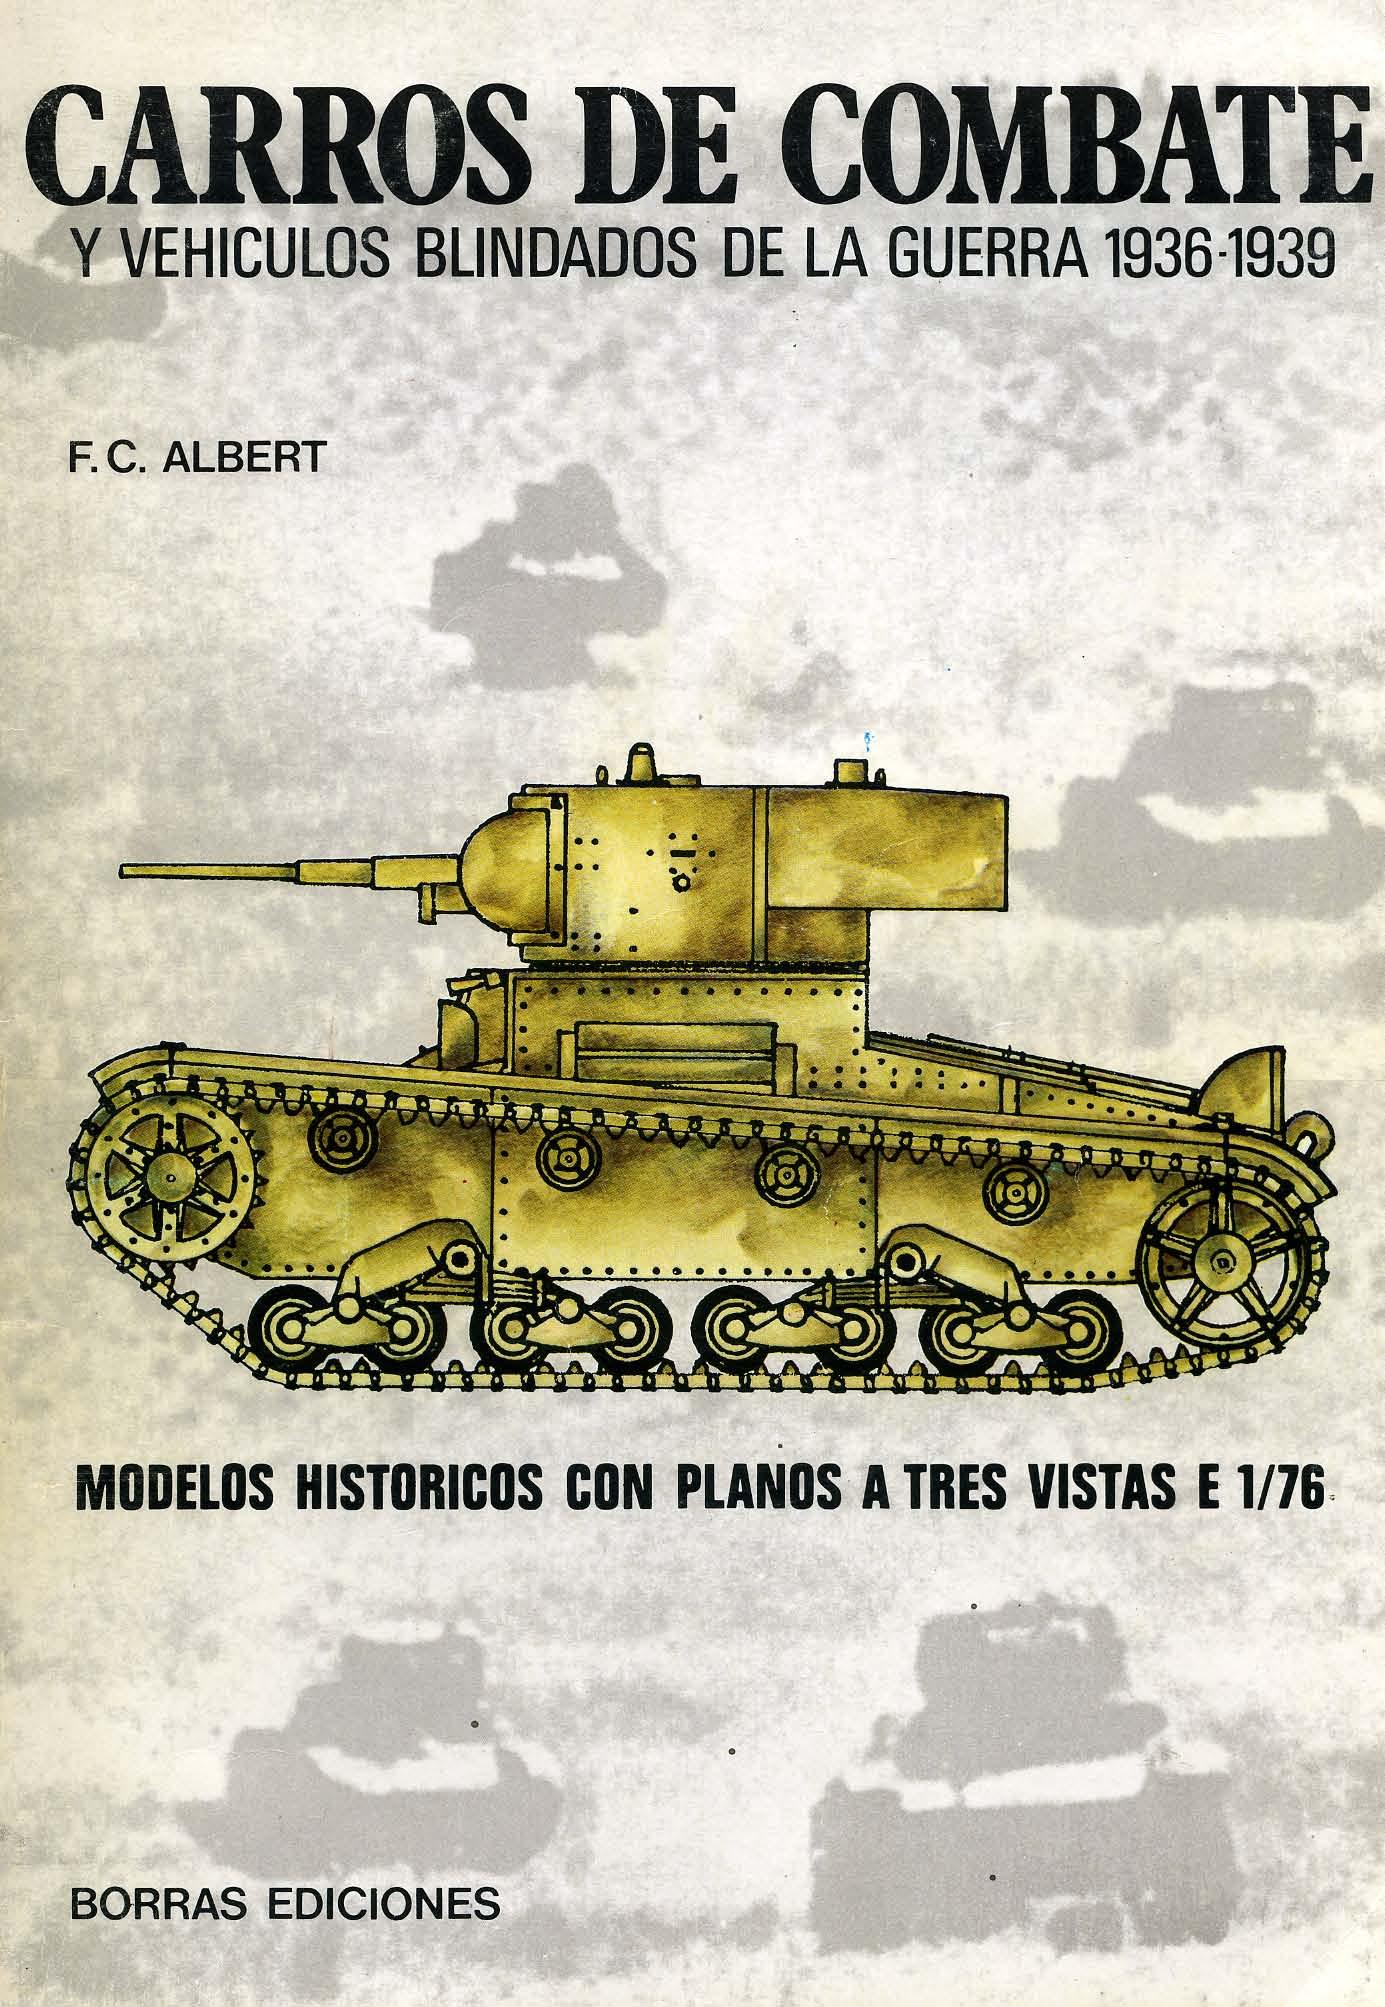 Carros De Combate Y Vehiculos Blindados De La Guerra 1936 1939 [F.C.Albert 1980]_Страница_001.jpg